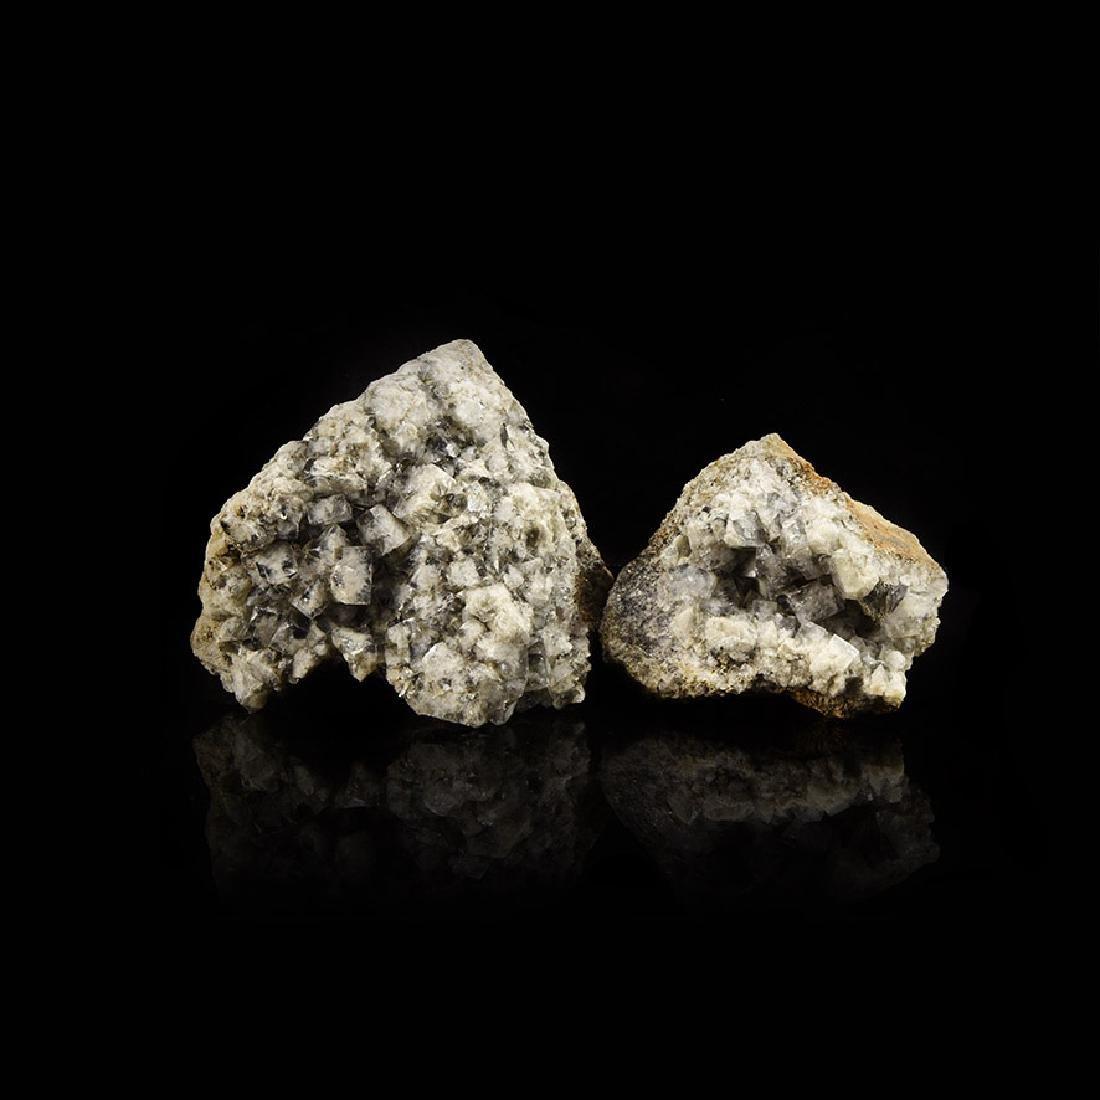 British Fluorite Mineral Specimens